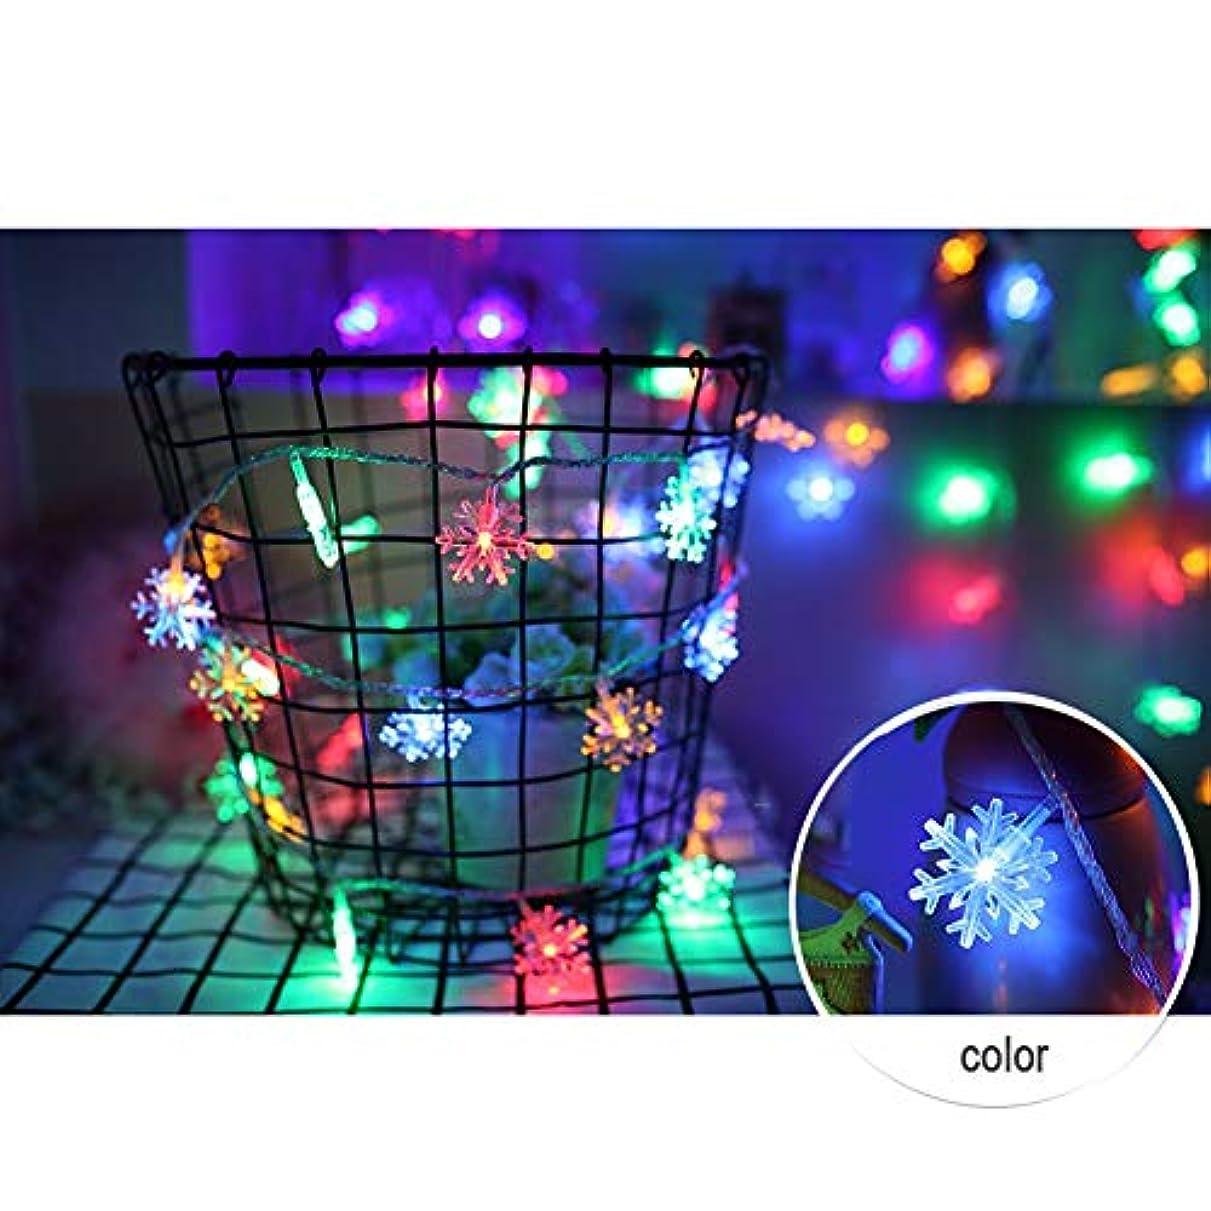 荒らす先ボンド電池式 ストリングライト - 防雨型 スノーフレークLEDイルミネ ーションライト ロマンチックな雰囲気を作る屋外用 ワイヤーライト イルミネーションライト、庭、パティオ、バルコニ、ークリスマス